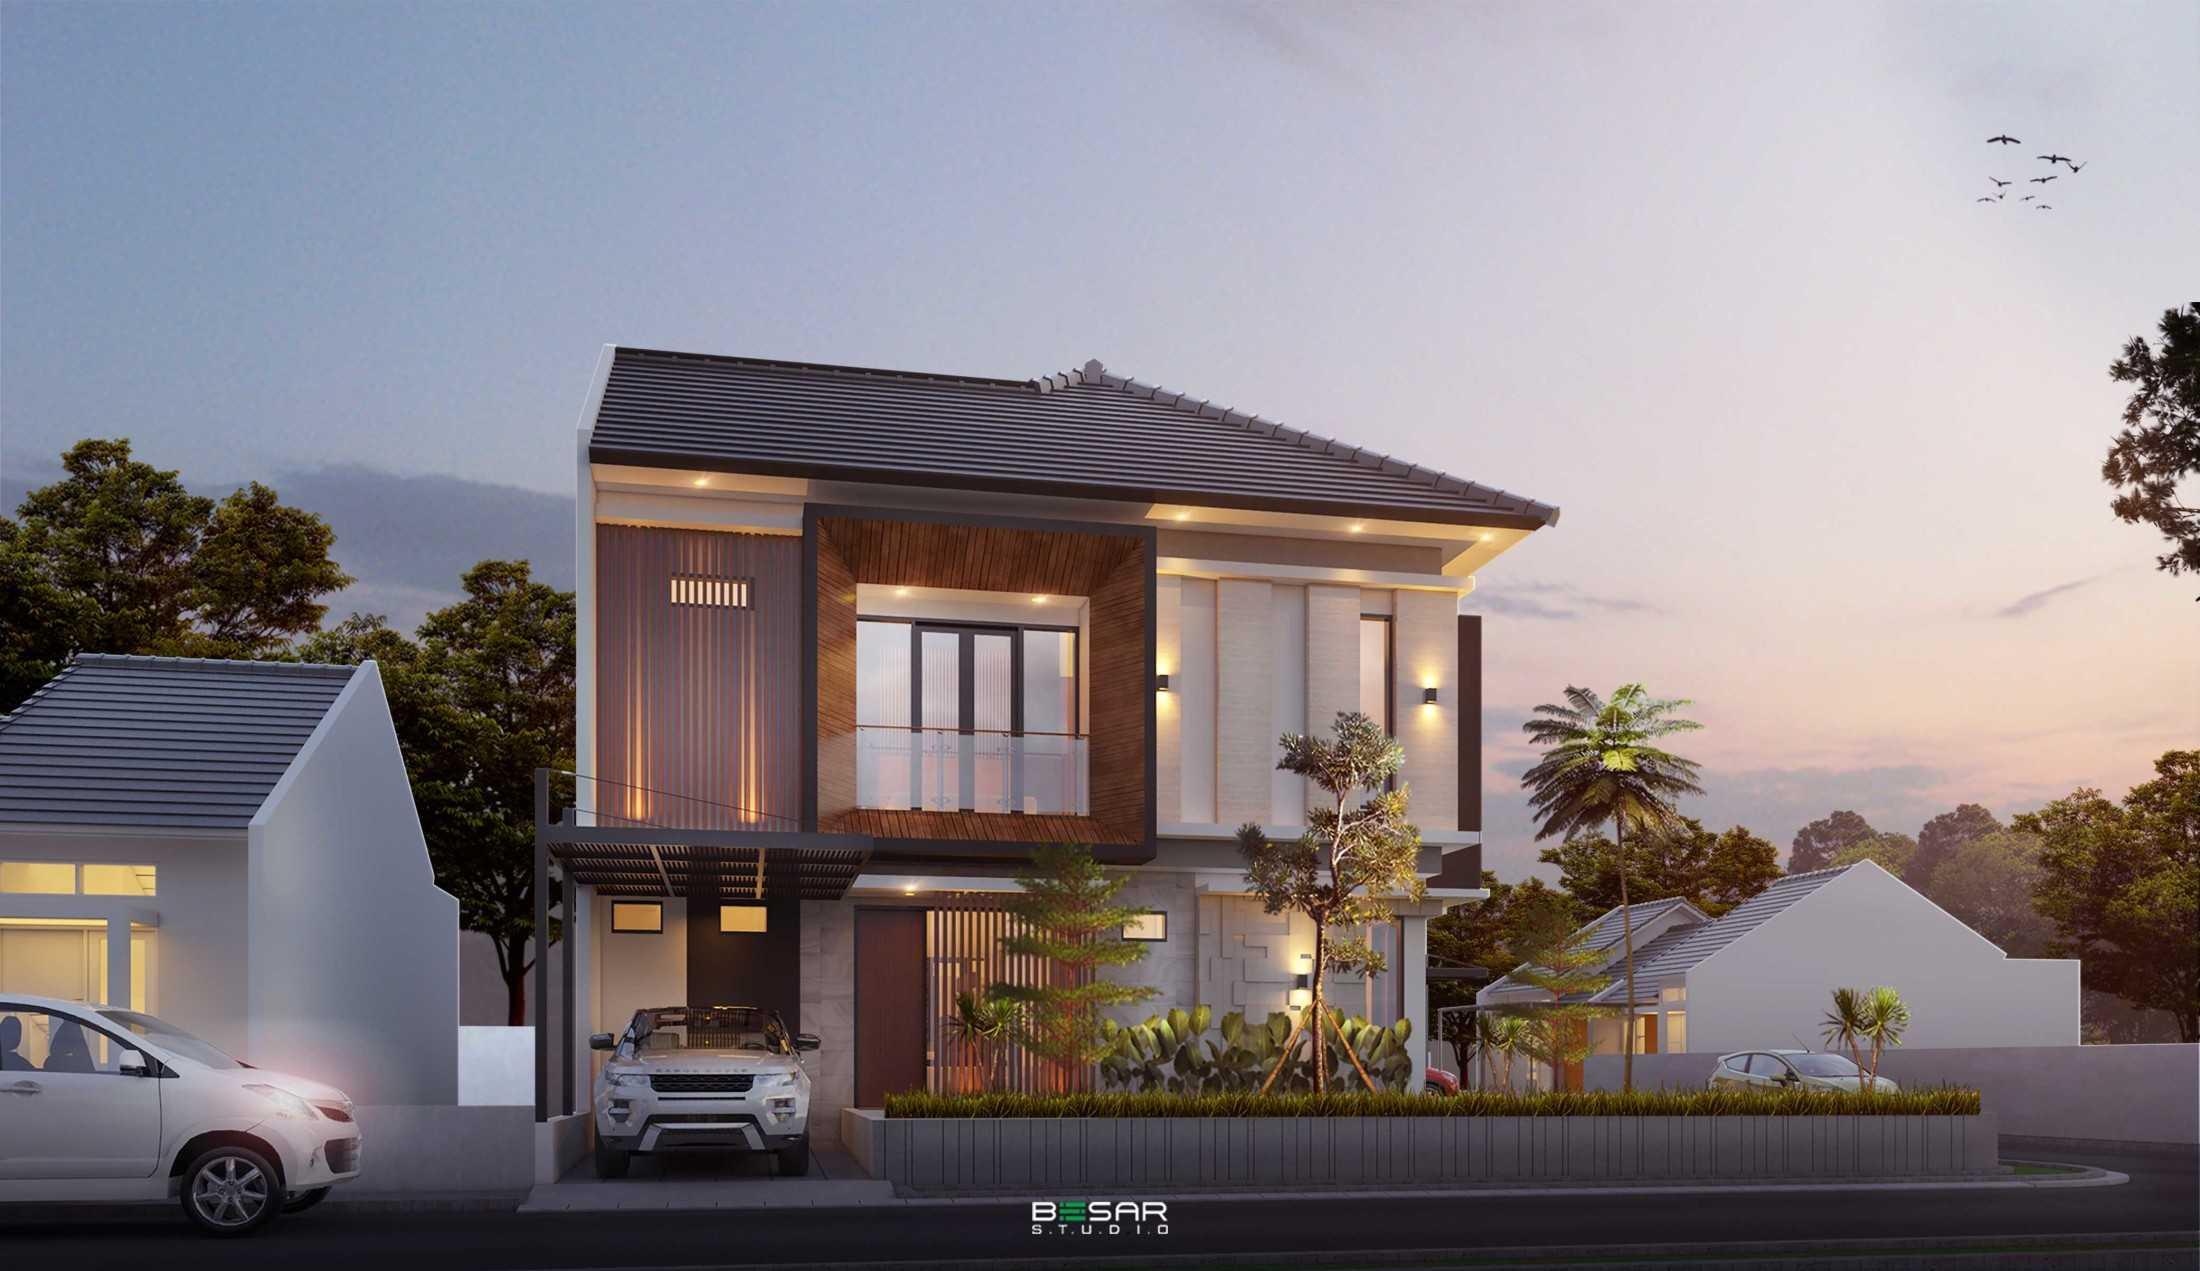 Studio Besar Dr House, Bogor Bogor, Jawa Barat, Indonesia Bogor, Jawa Barat, Indonesia Studio-Besar-Dr-House  64821